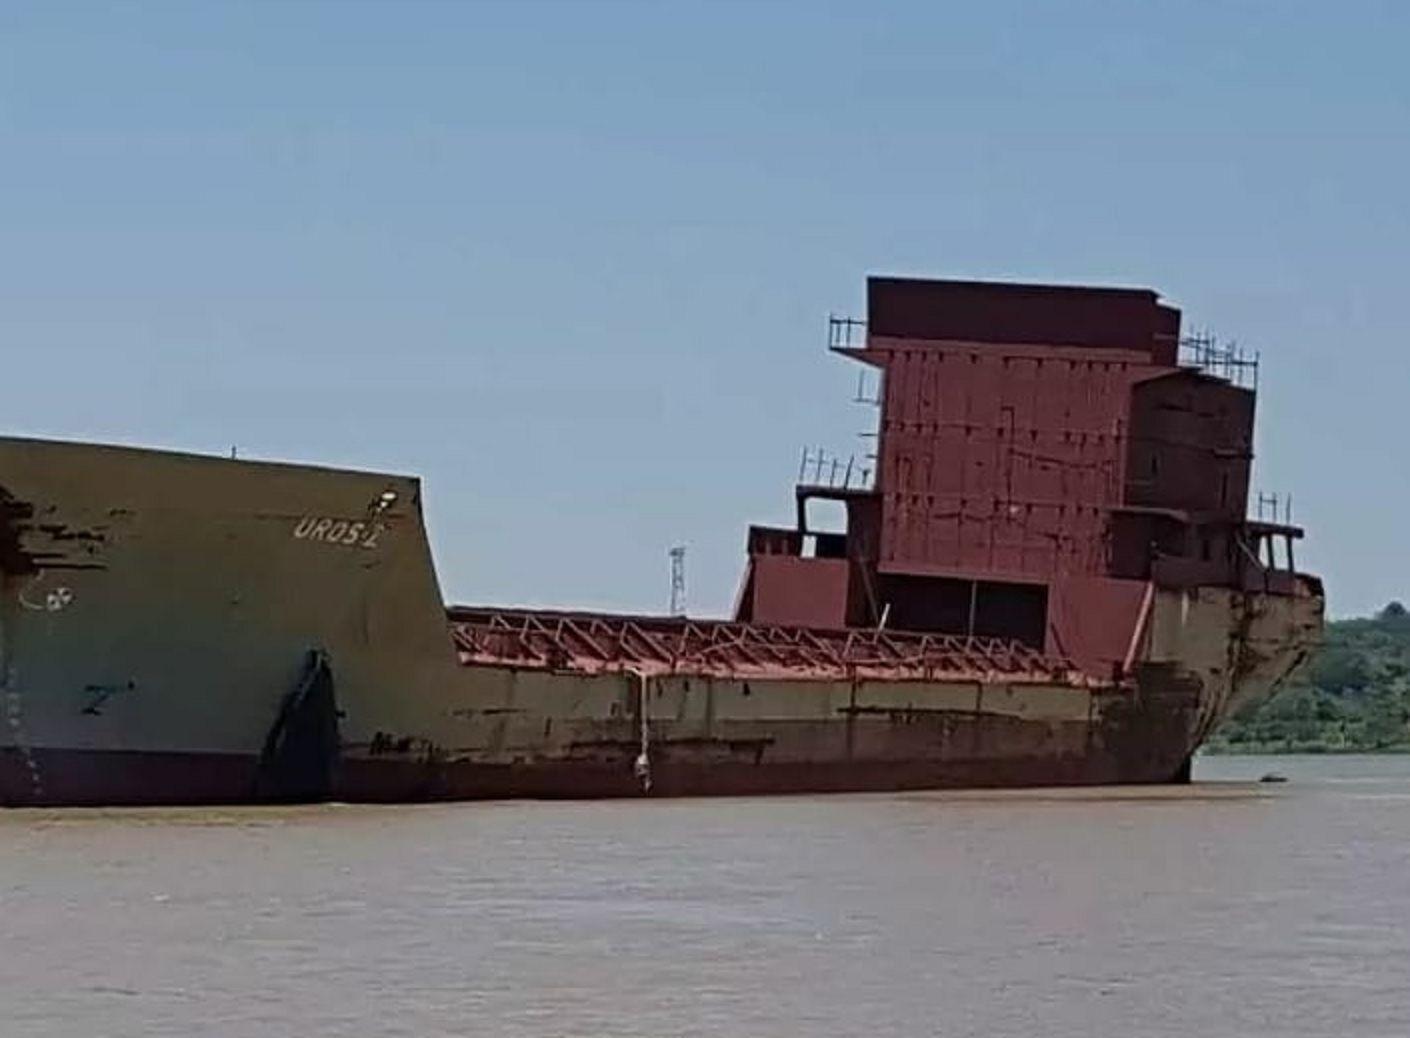 Este es el barco fantasma que asustó a todos